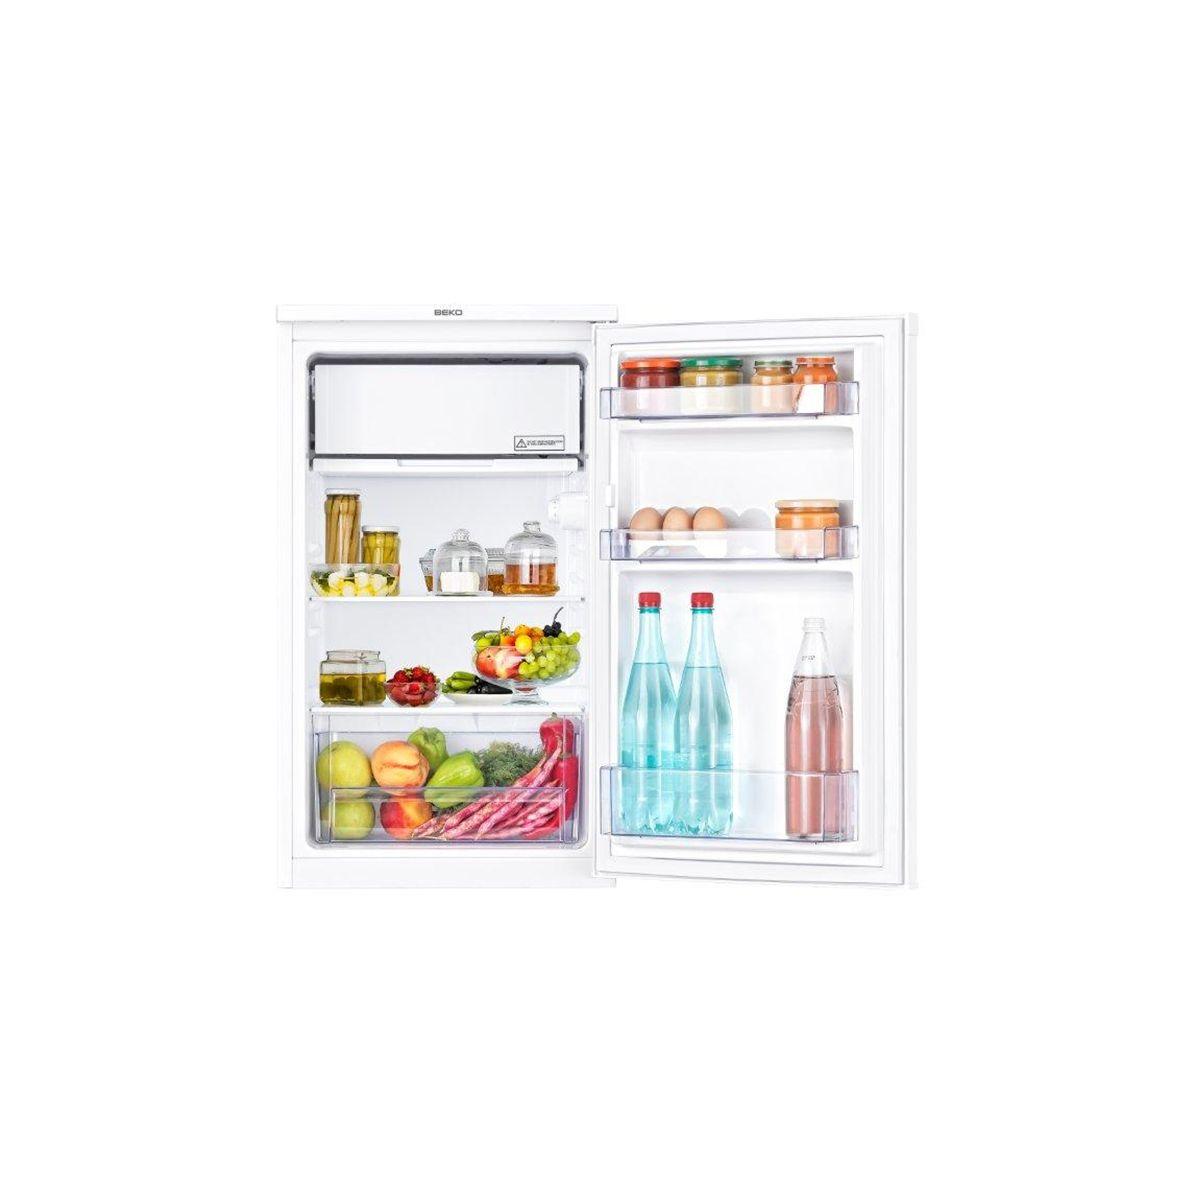 Beko ts190320 r frig rateur table top comparer avec - Avis consommateur marque beko ...